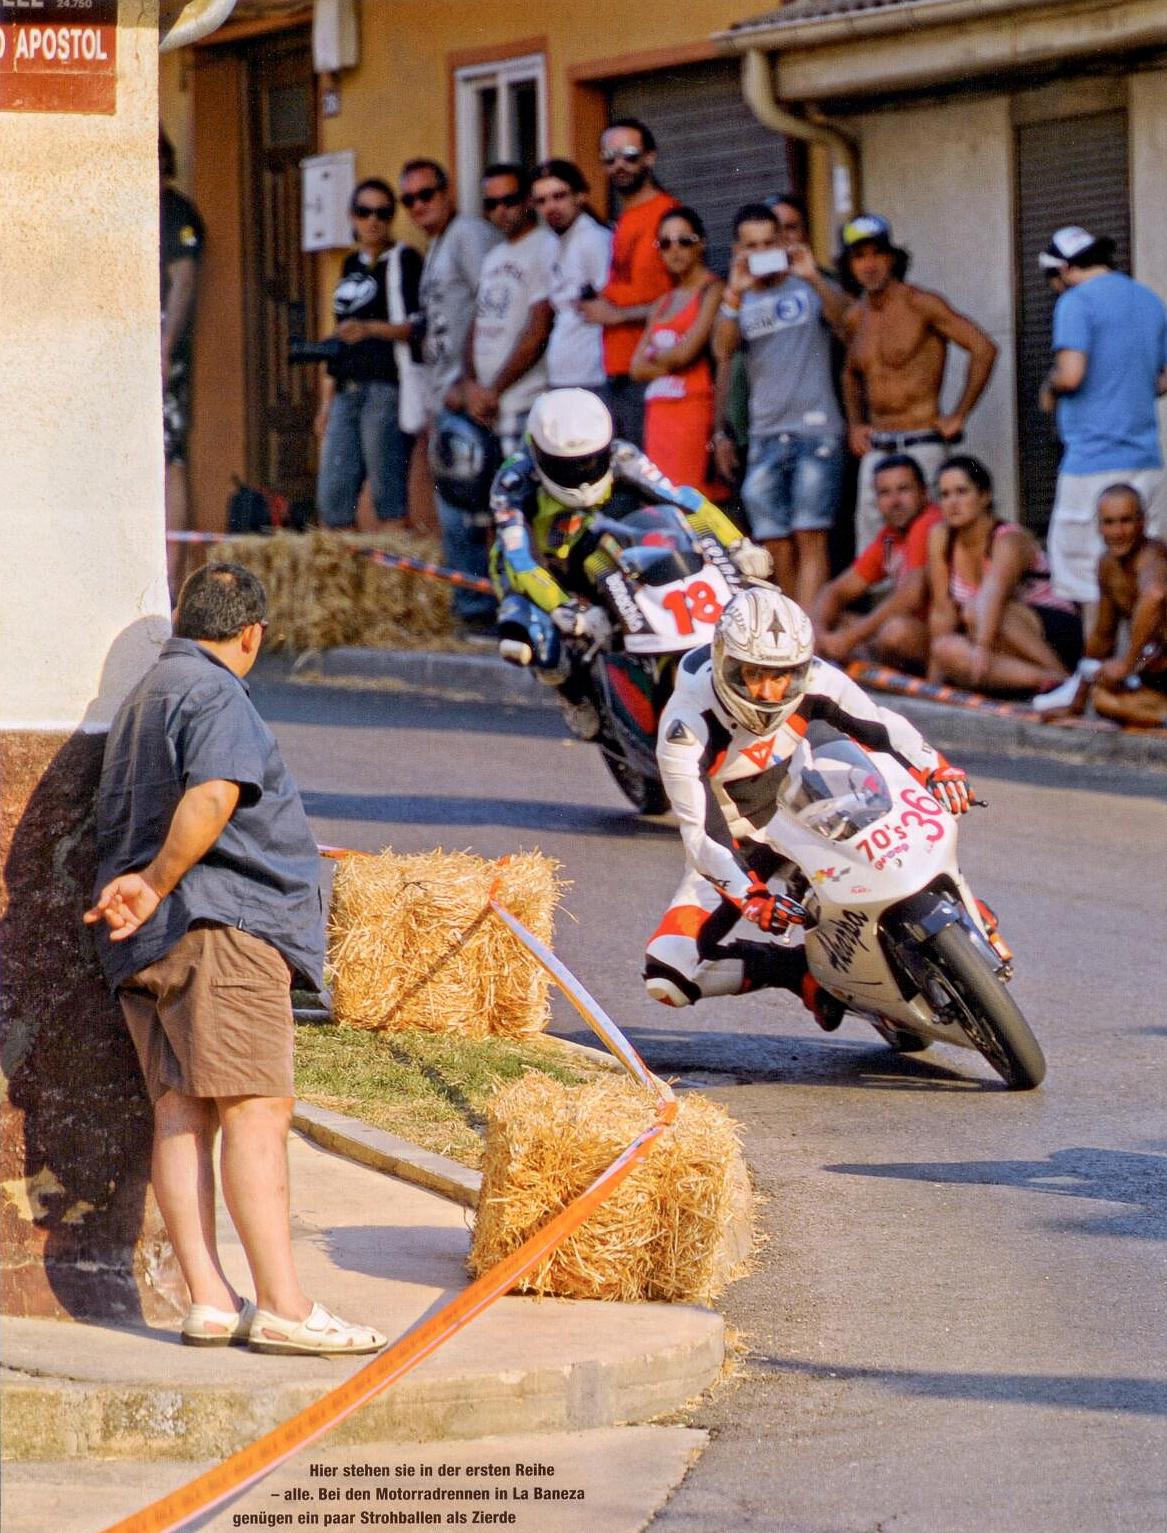 Circuito Urbano La Bañeza : Gp de motociclismo de la bañeza edición del gu flickr